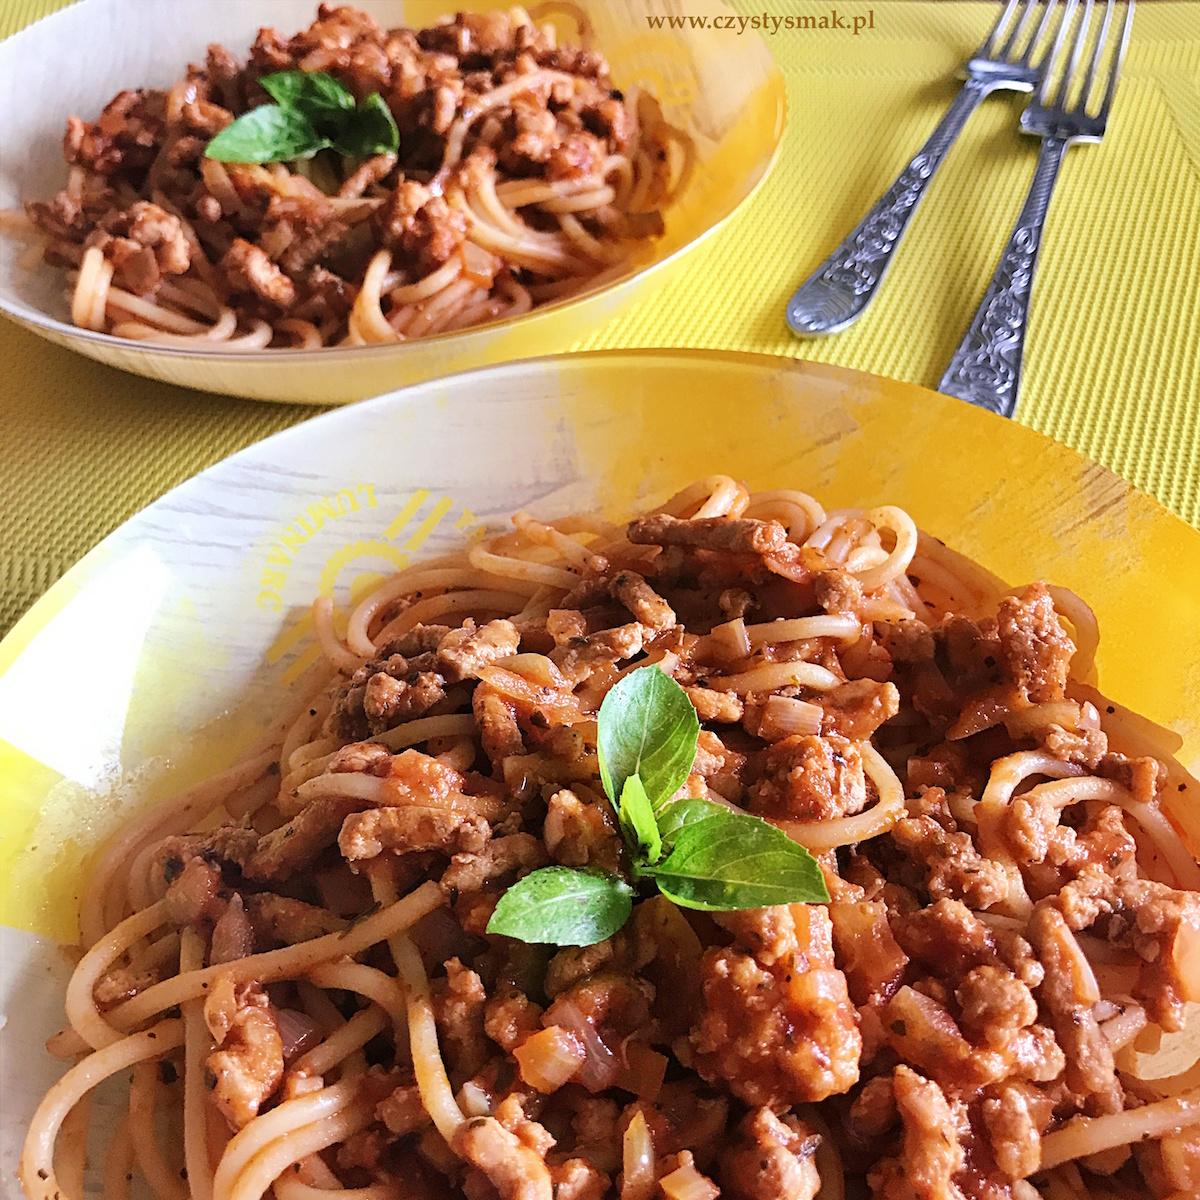 Najprostszy i najpyszniejszy makaron spaghetti w sosie pomidorowym